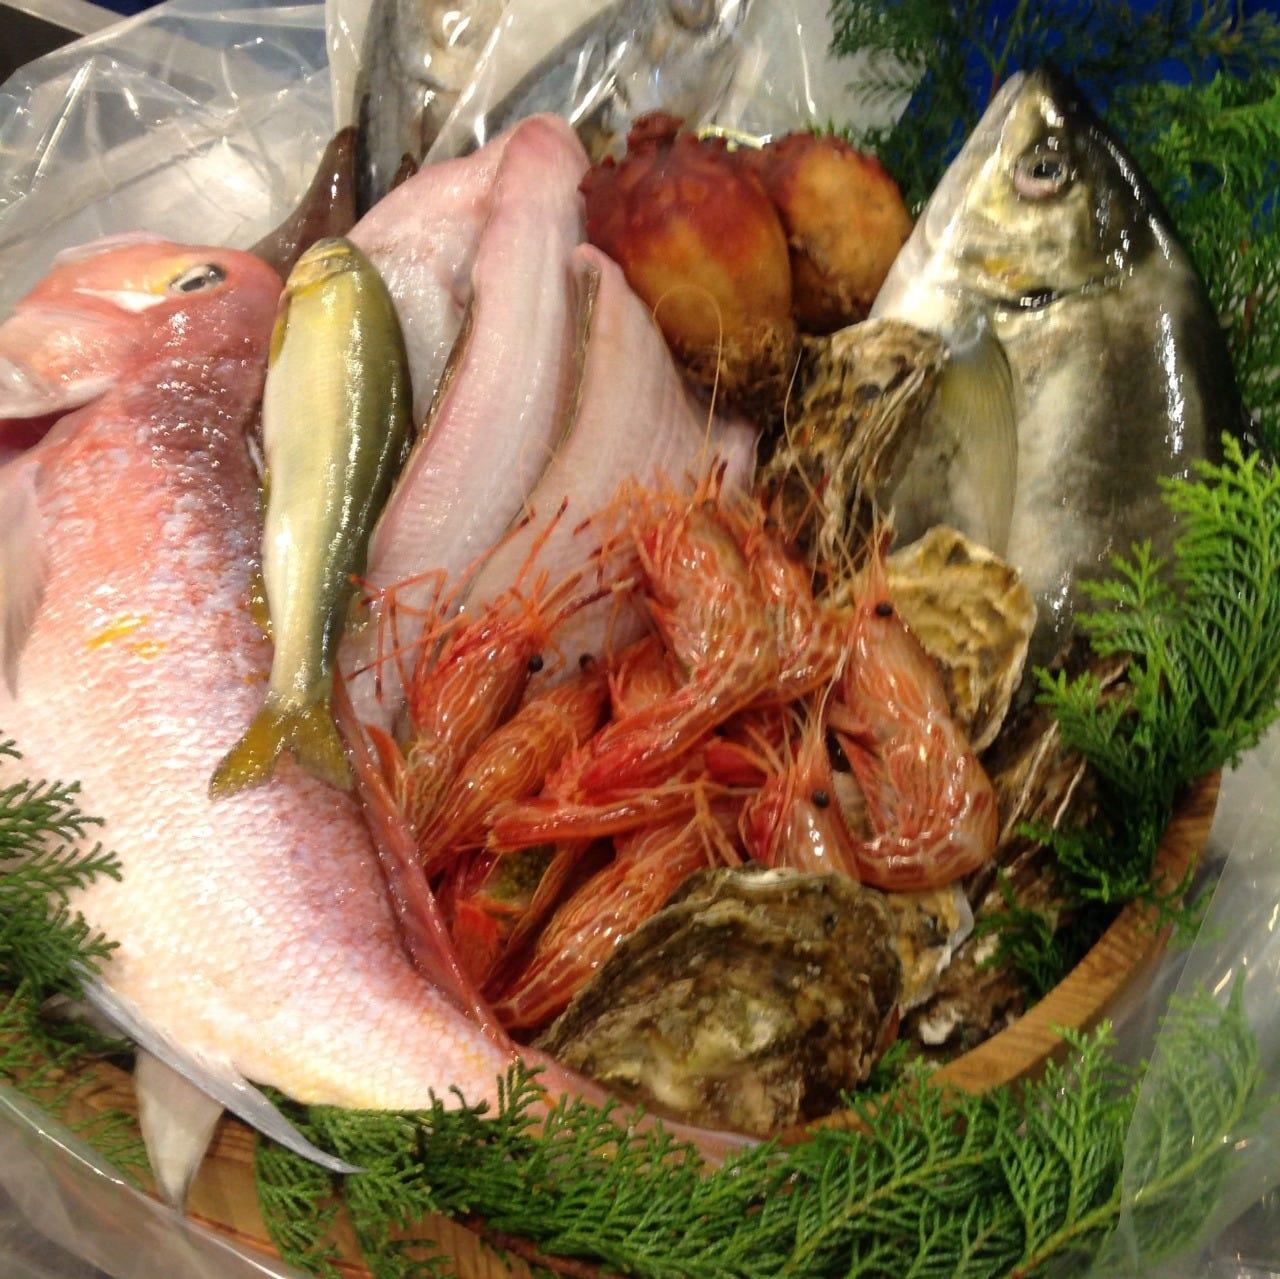 40年にわたる市場とのお付き合いで、より新鮮な産直鮮魚が入荷!